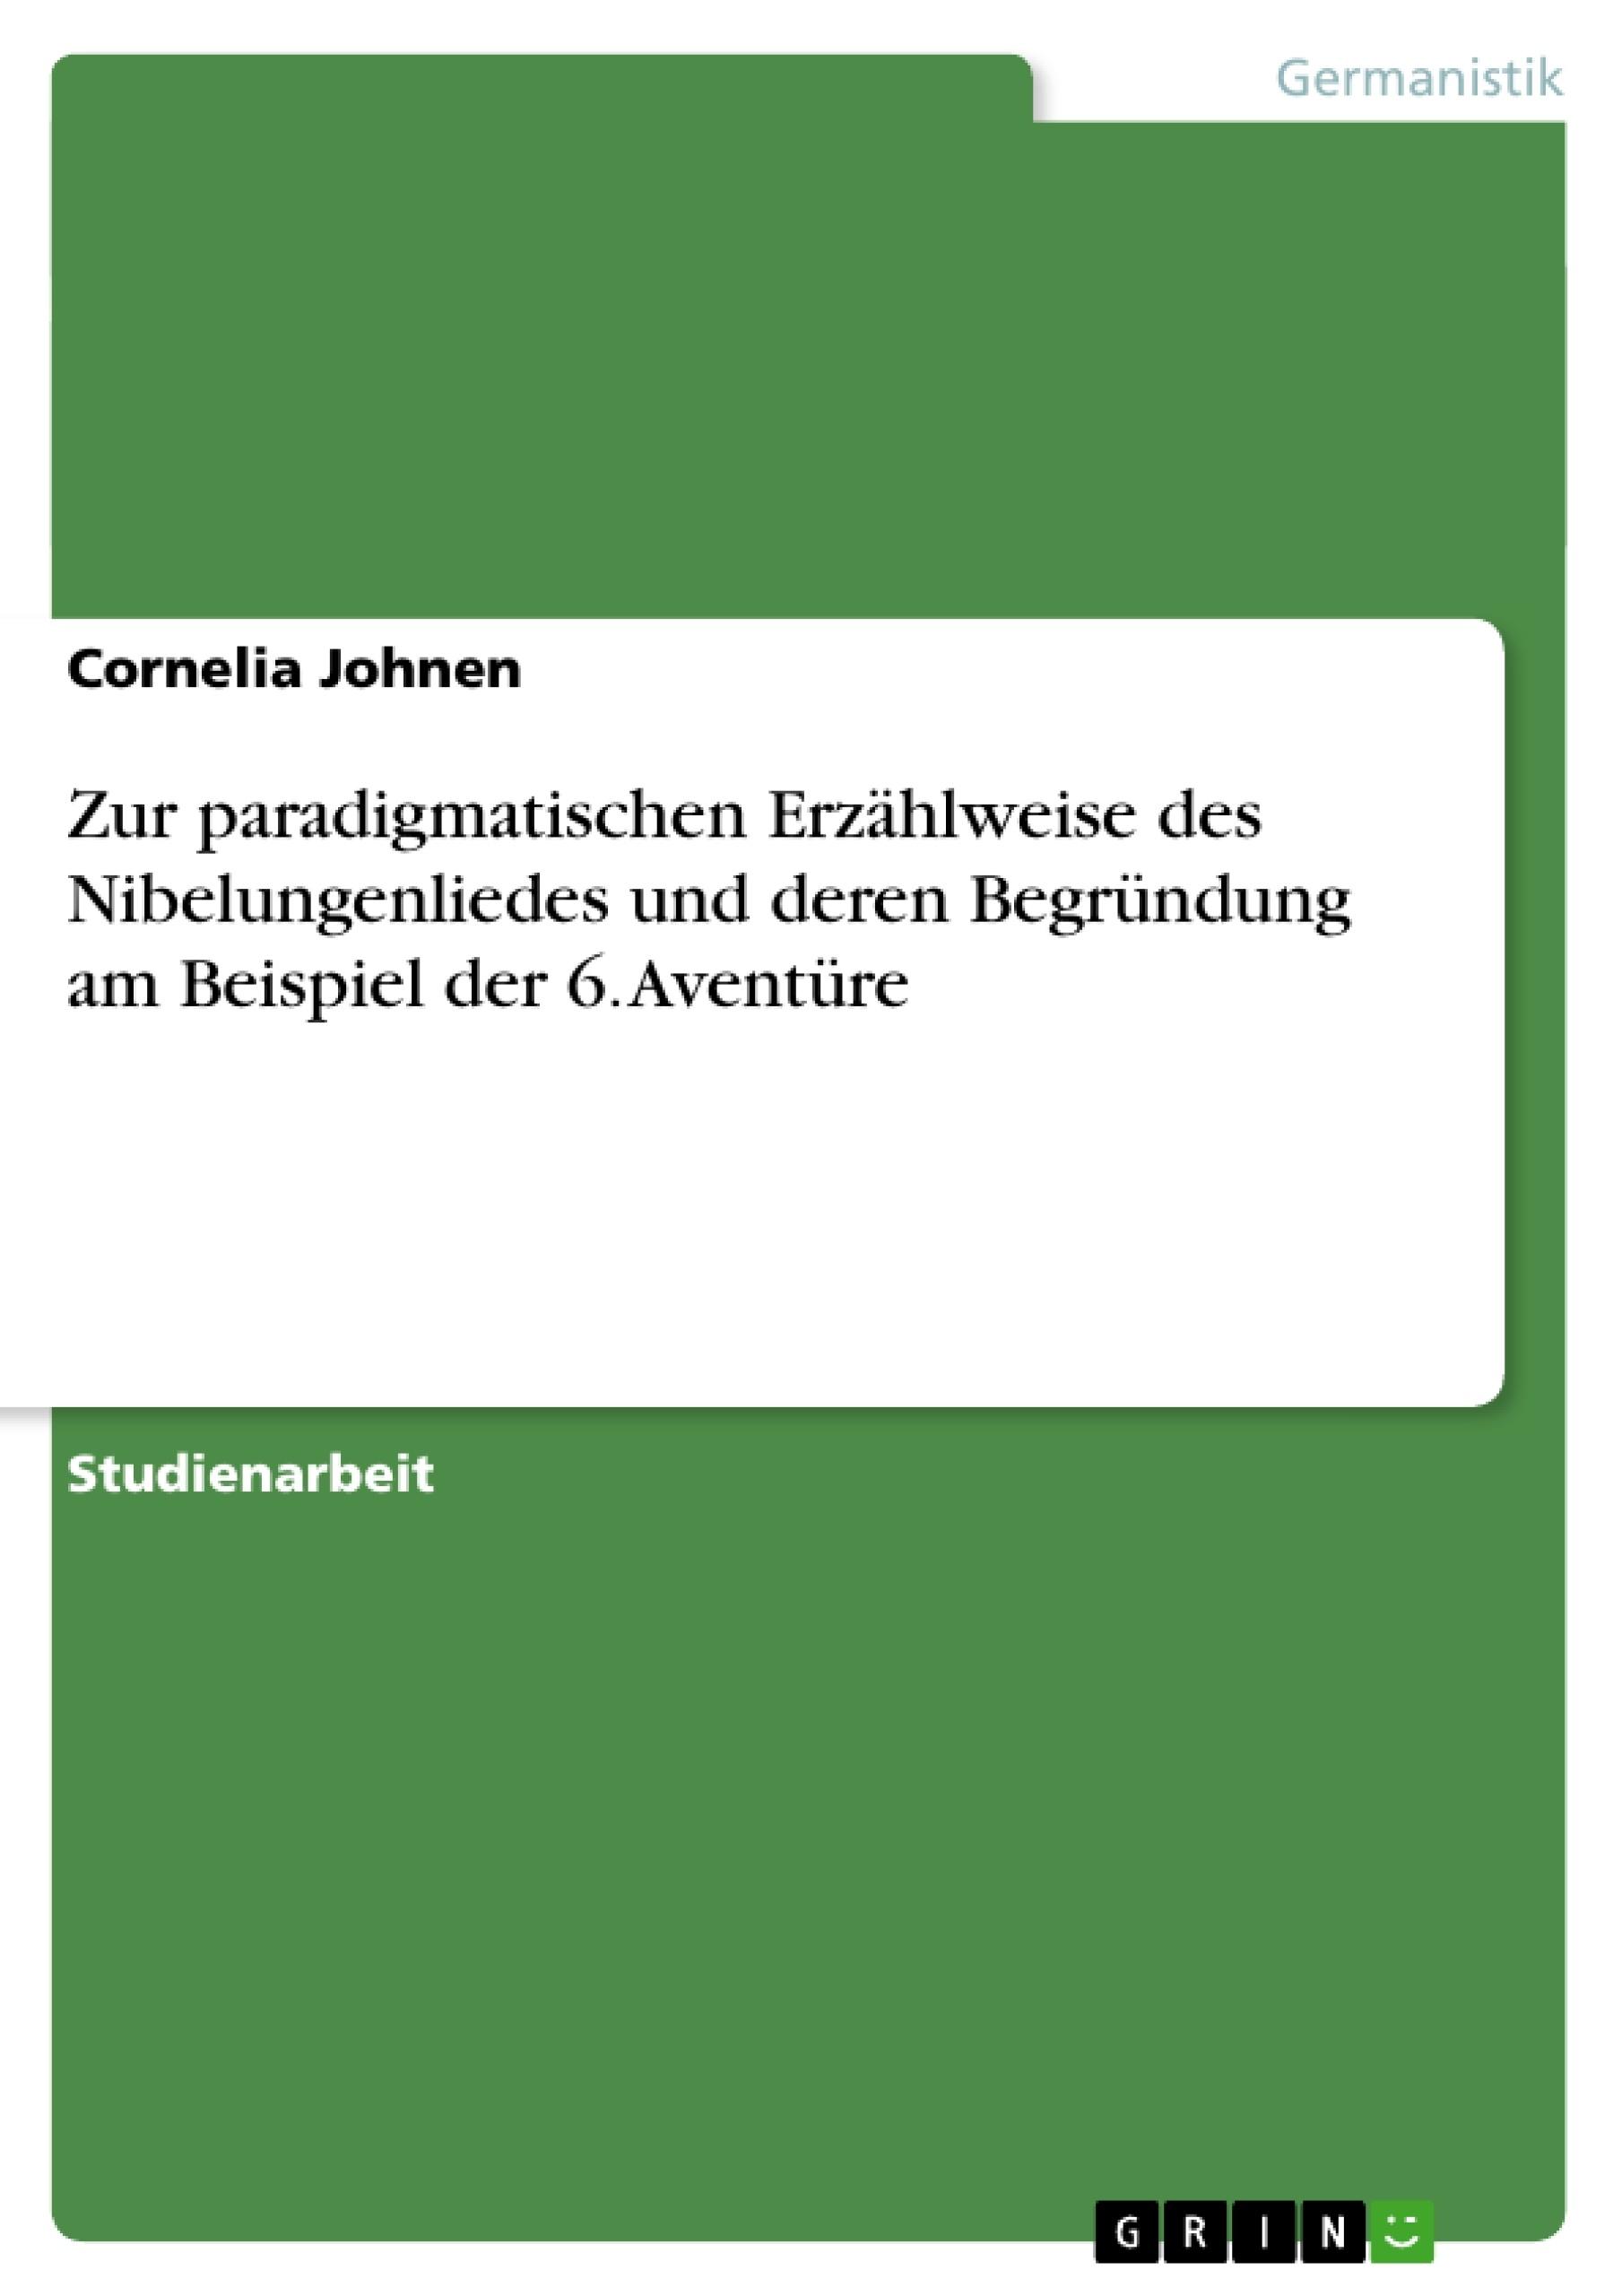 Titel: Zur paradigmatischen Erzählweise des Nibelungenliedes und deren Begründung am Beispiel der 6. Aventüre